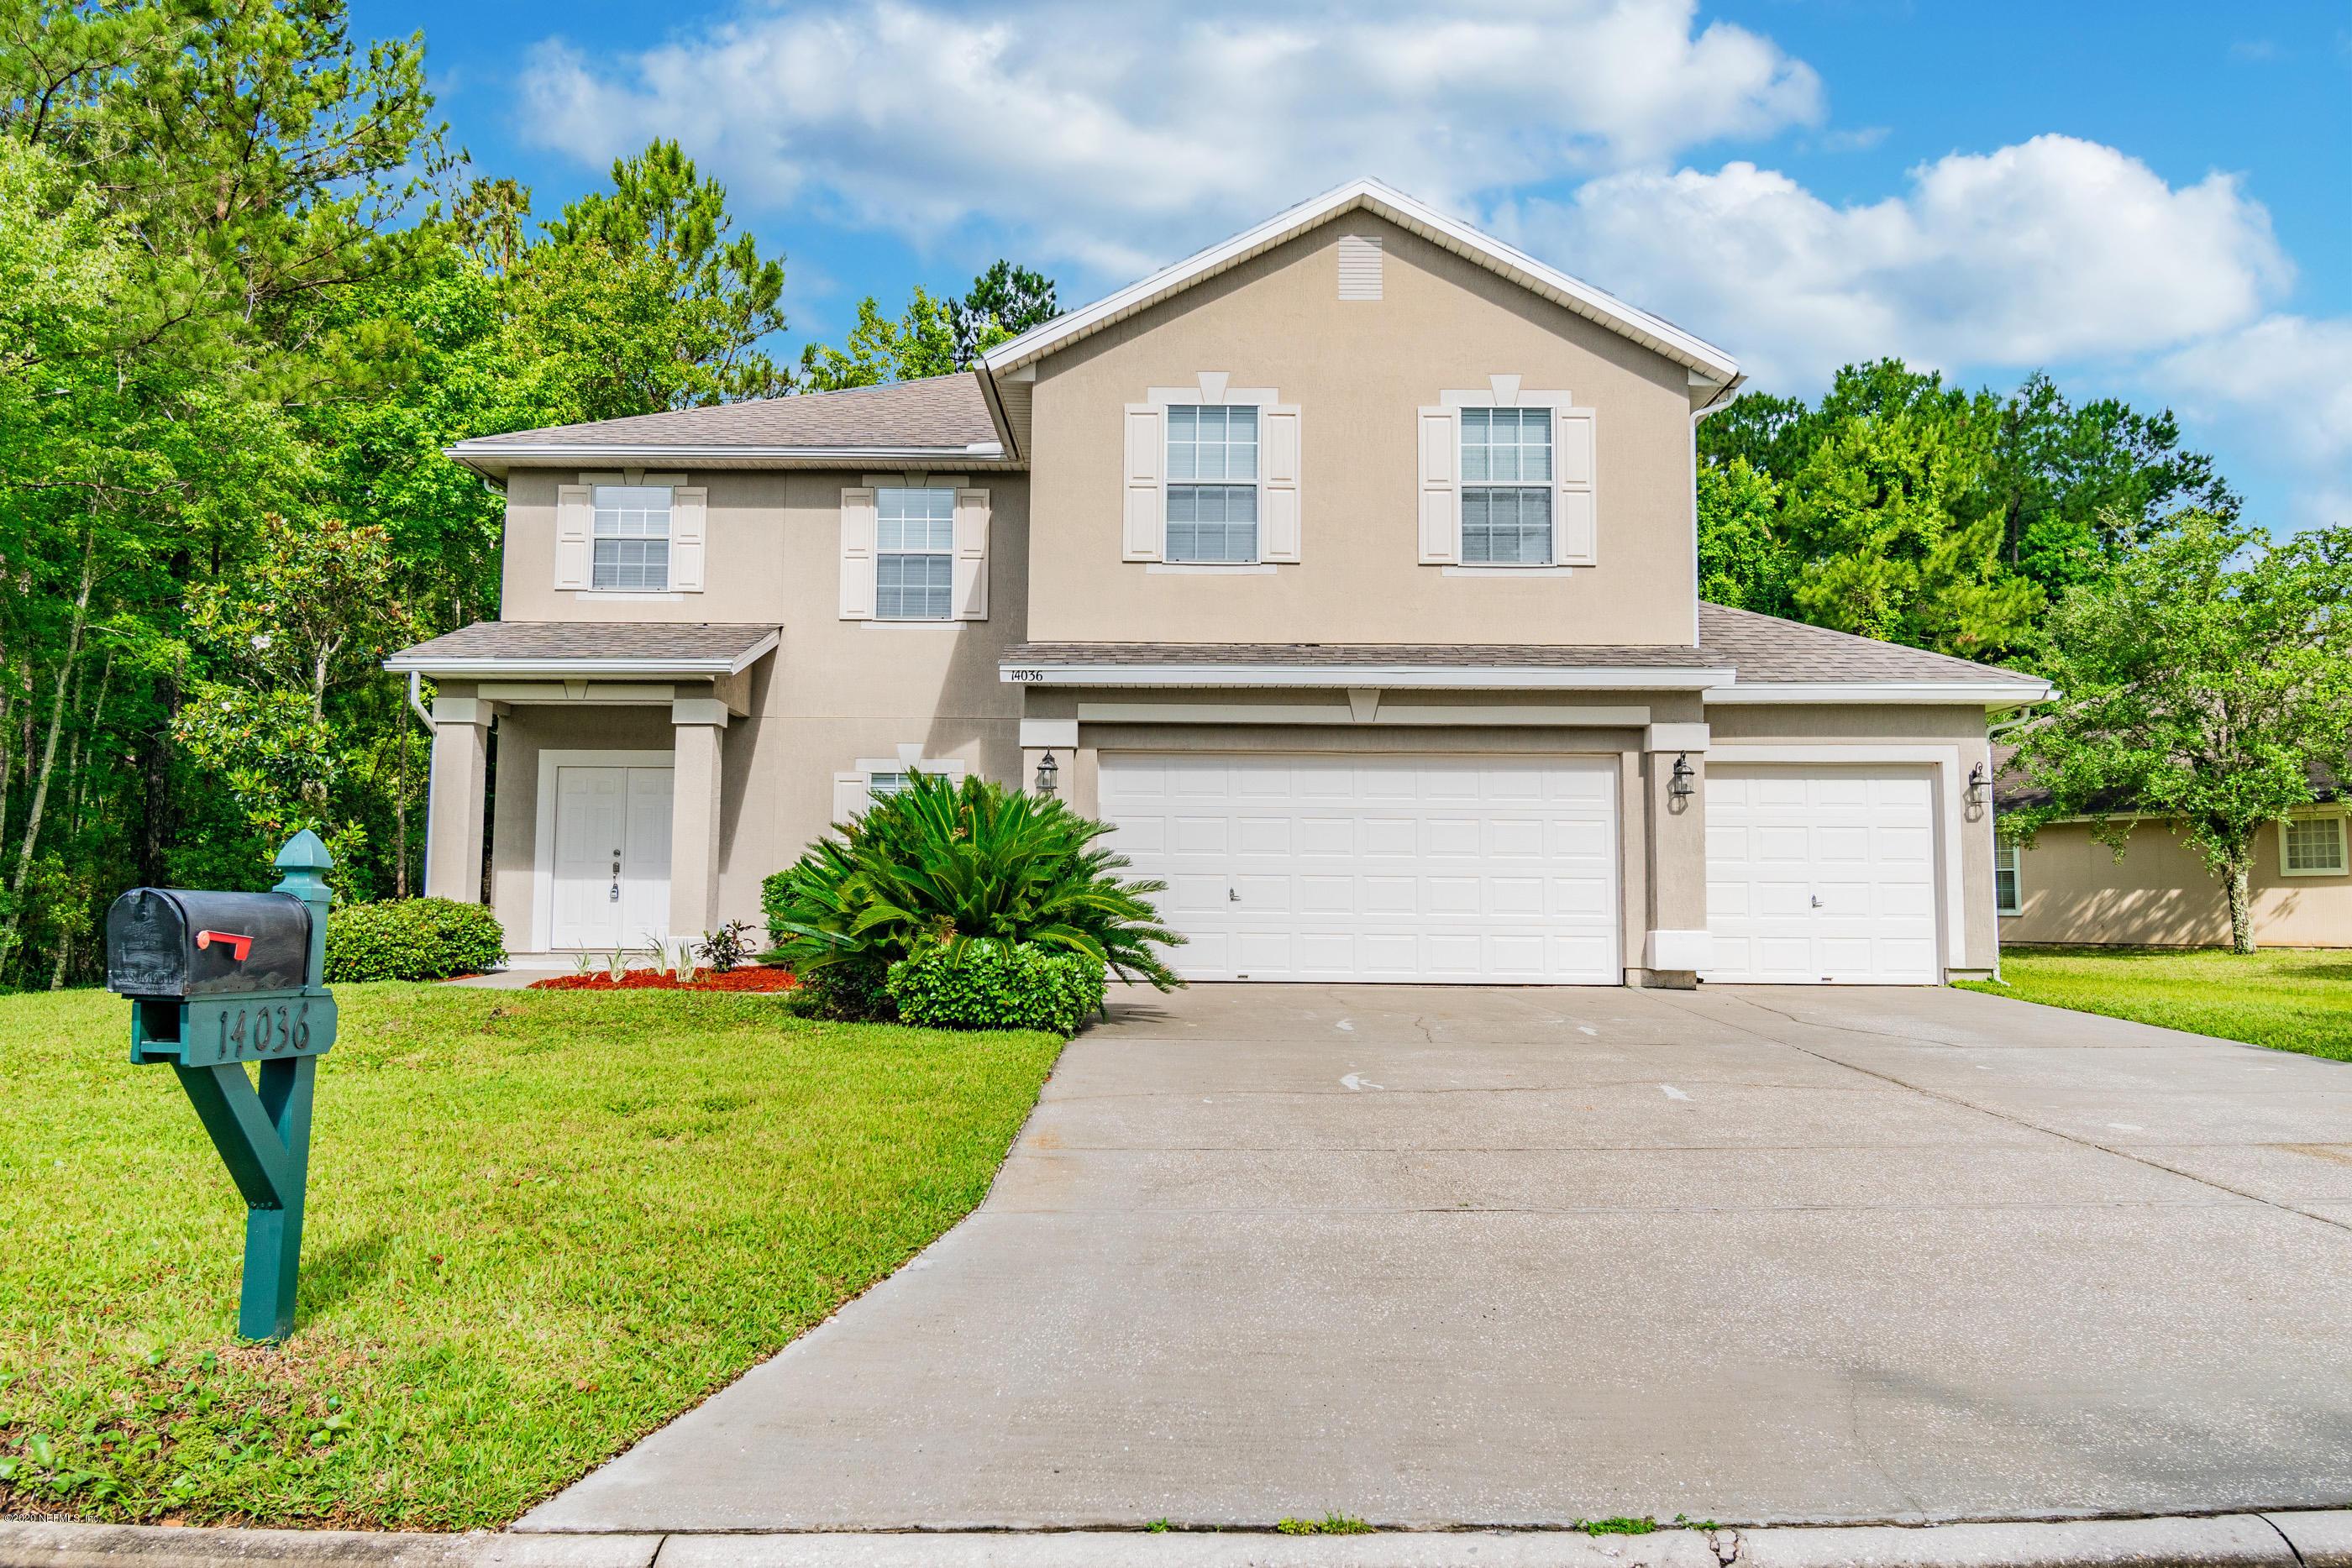 14036 Summer Breeze Dr Jacksonville, Fl 32218